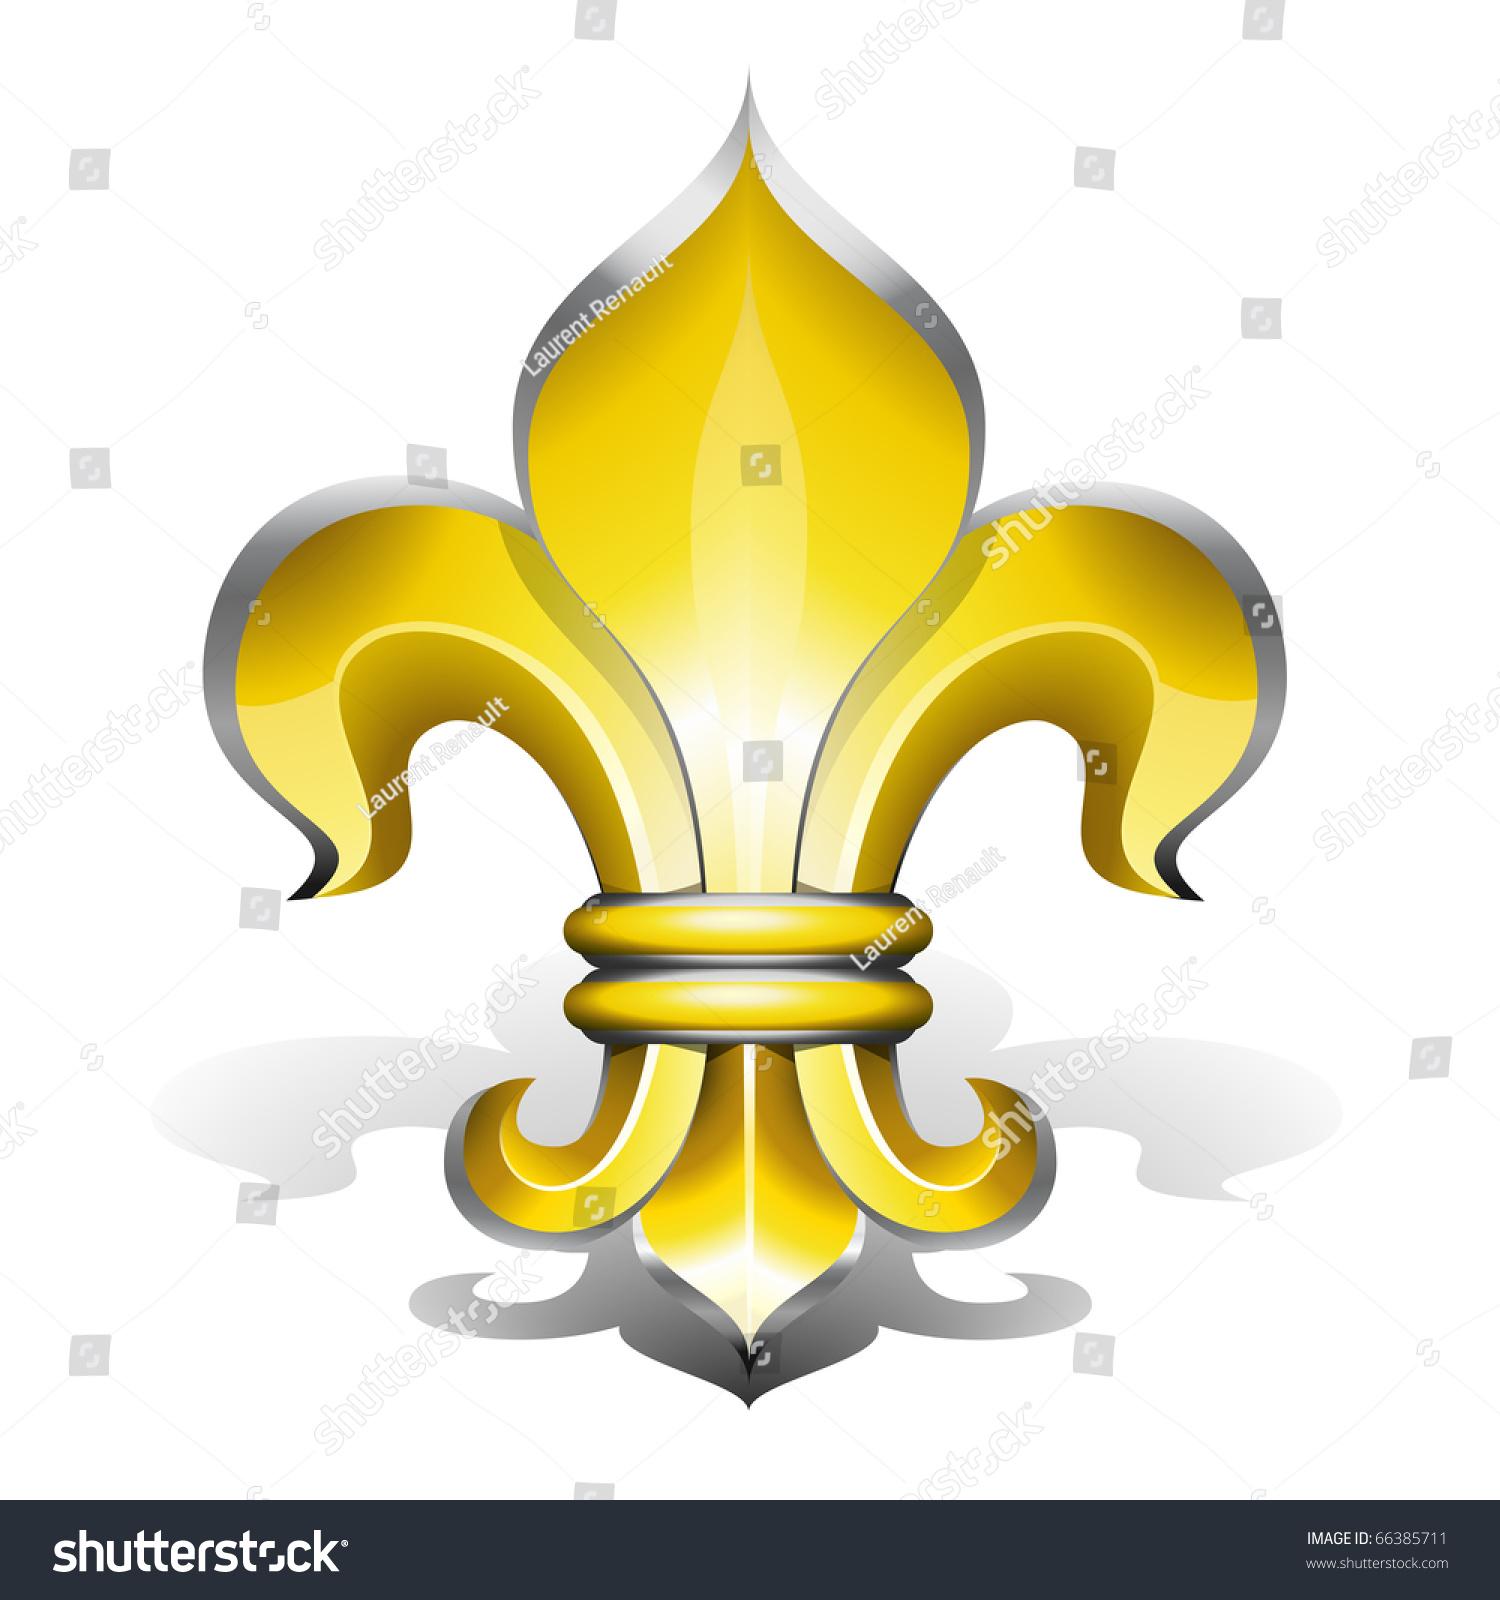 Fleur De Lys Antique Symbol French Stock Vector 66385711 ...